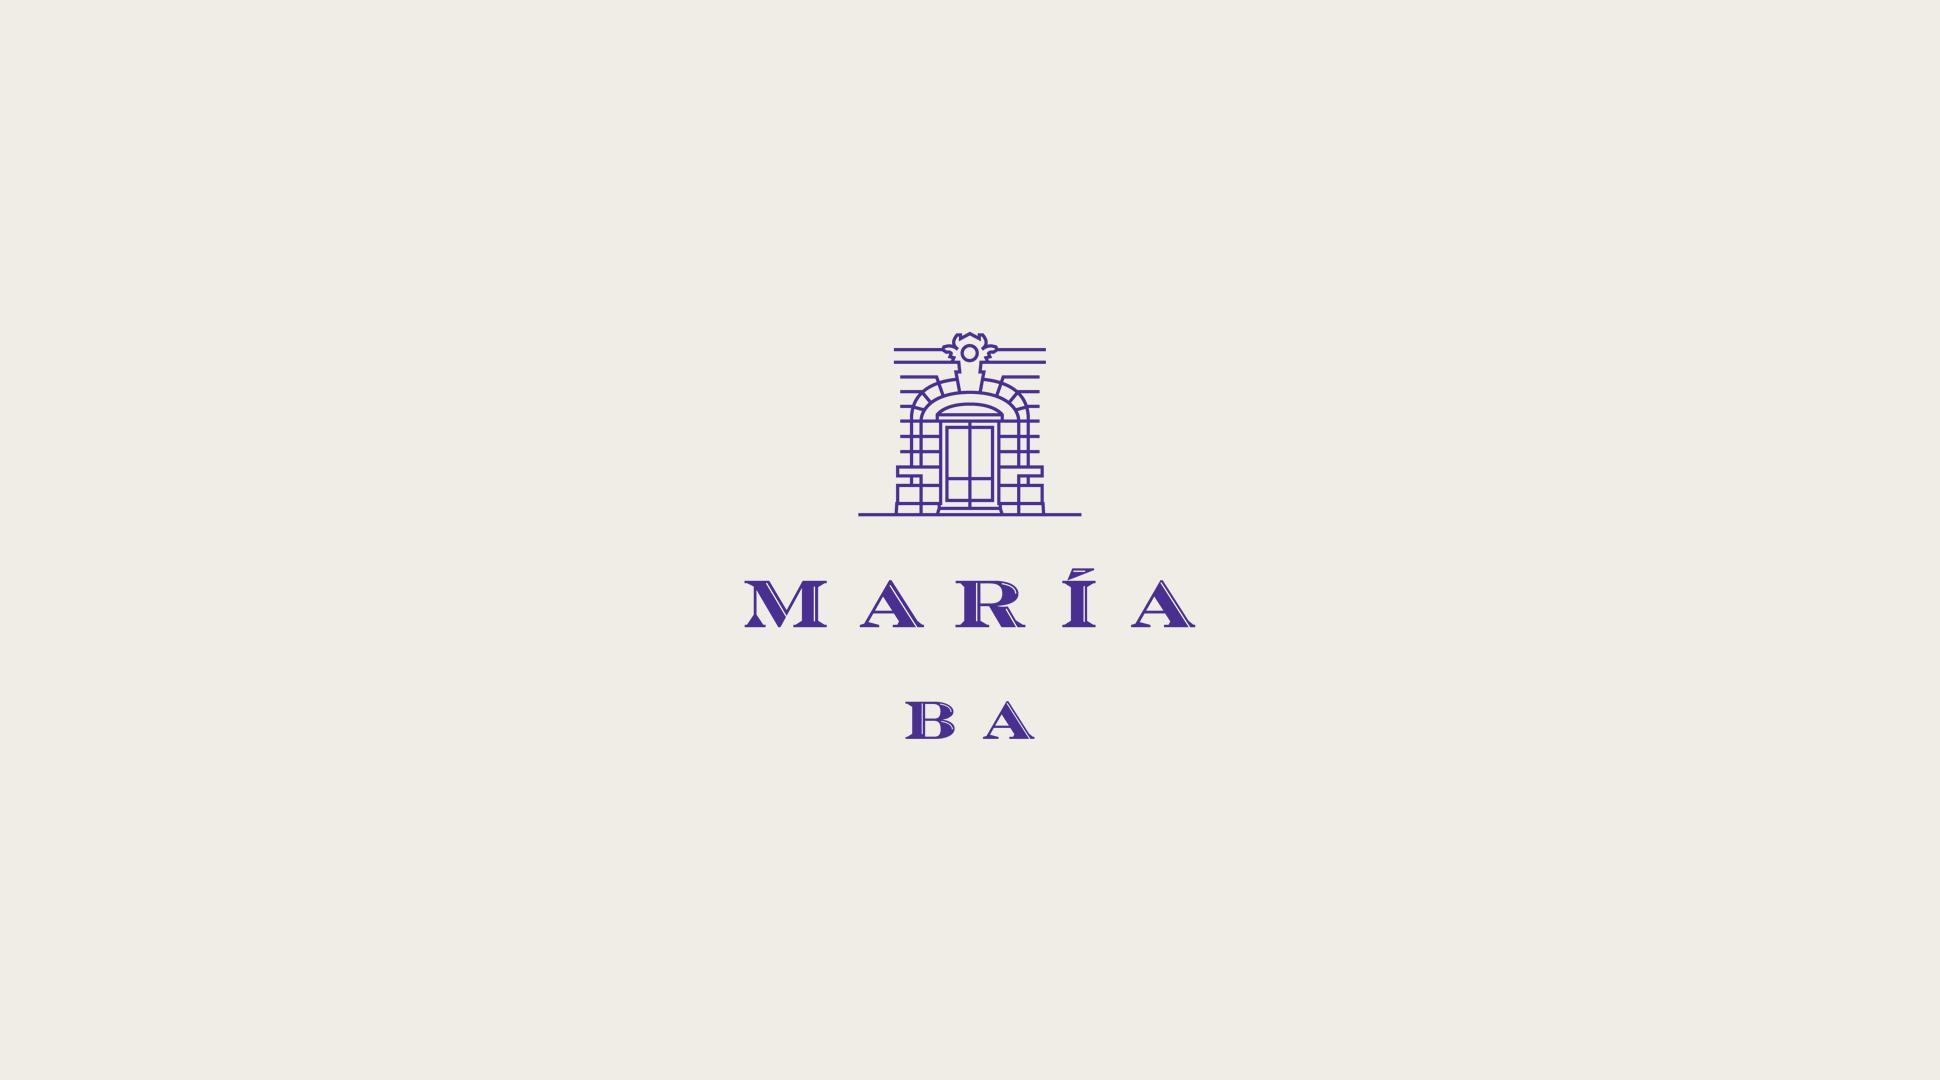 MBA_001